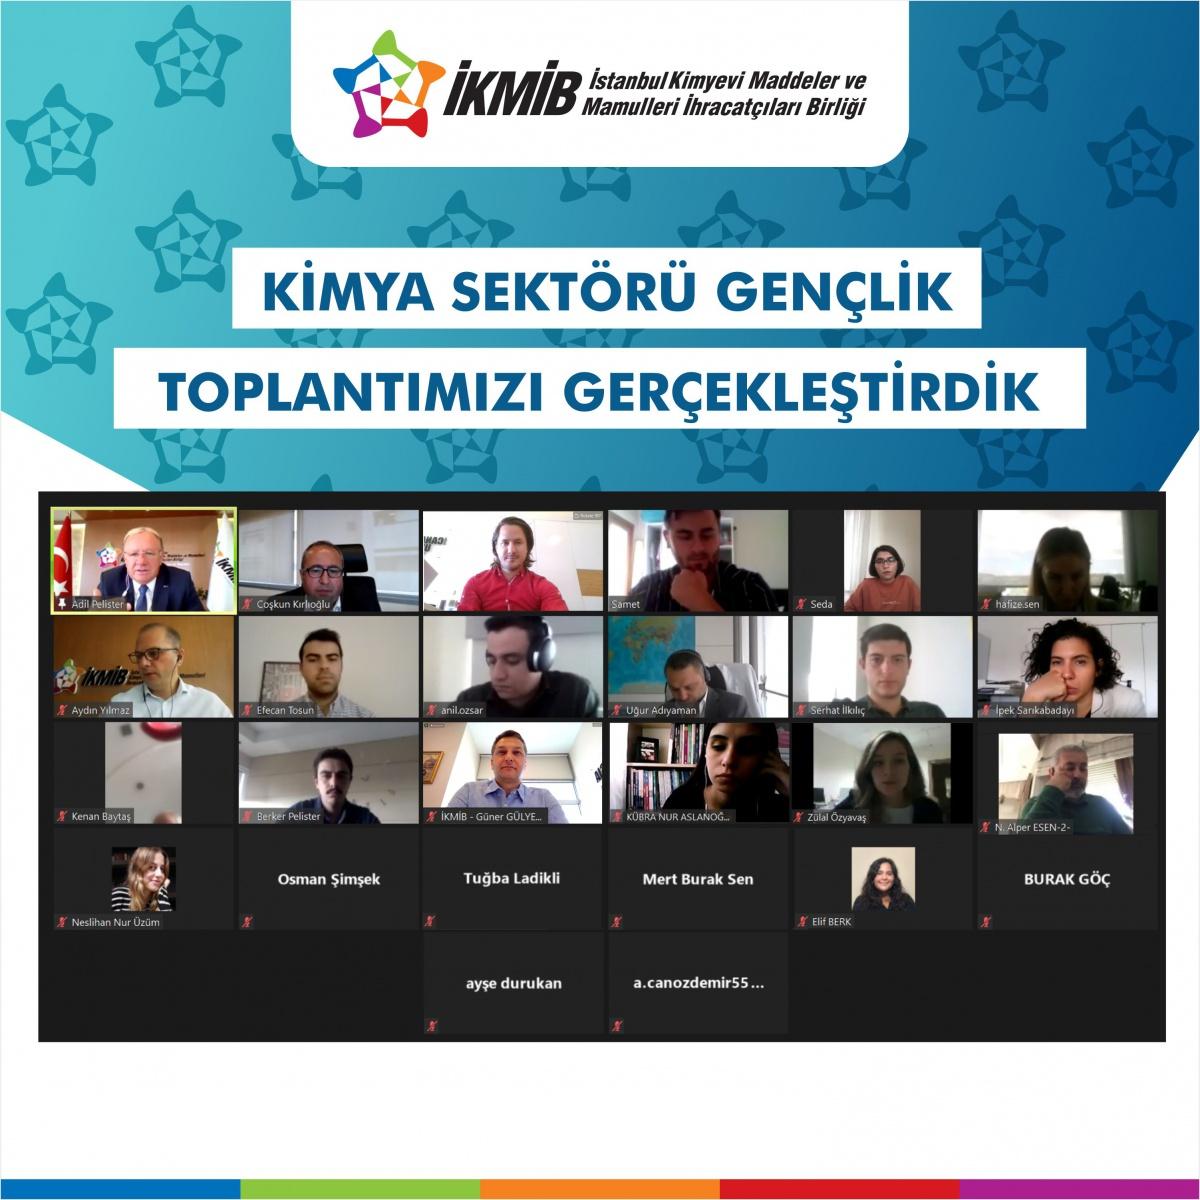 İKMİB'de İlk Kez Gençlik Komitesi ve Kadın Kimya İhracatçıları Komitesi Kuruldu